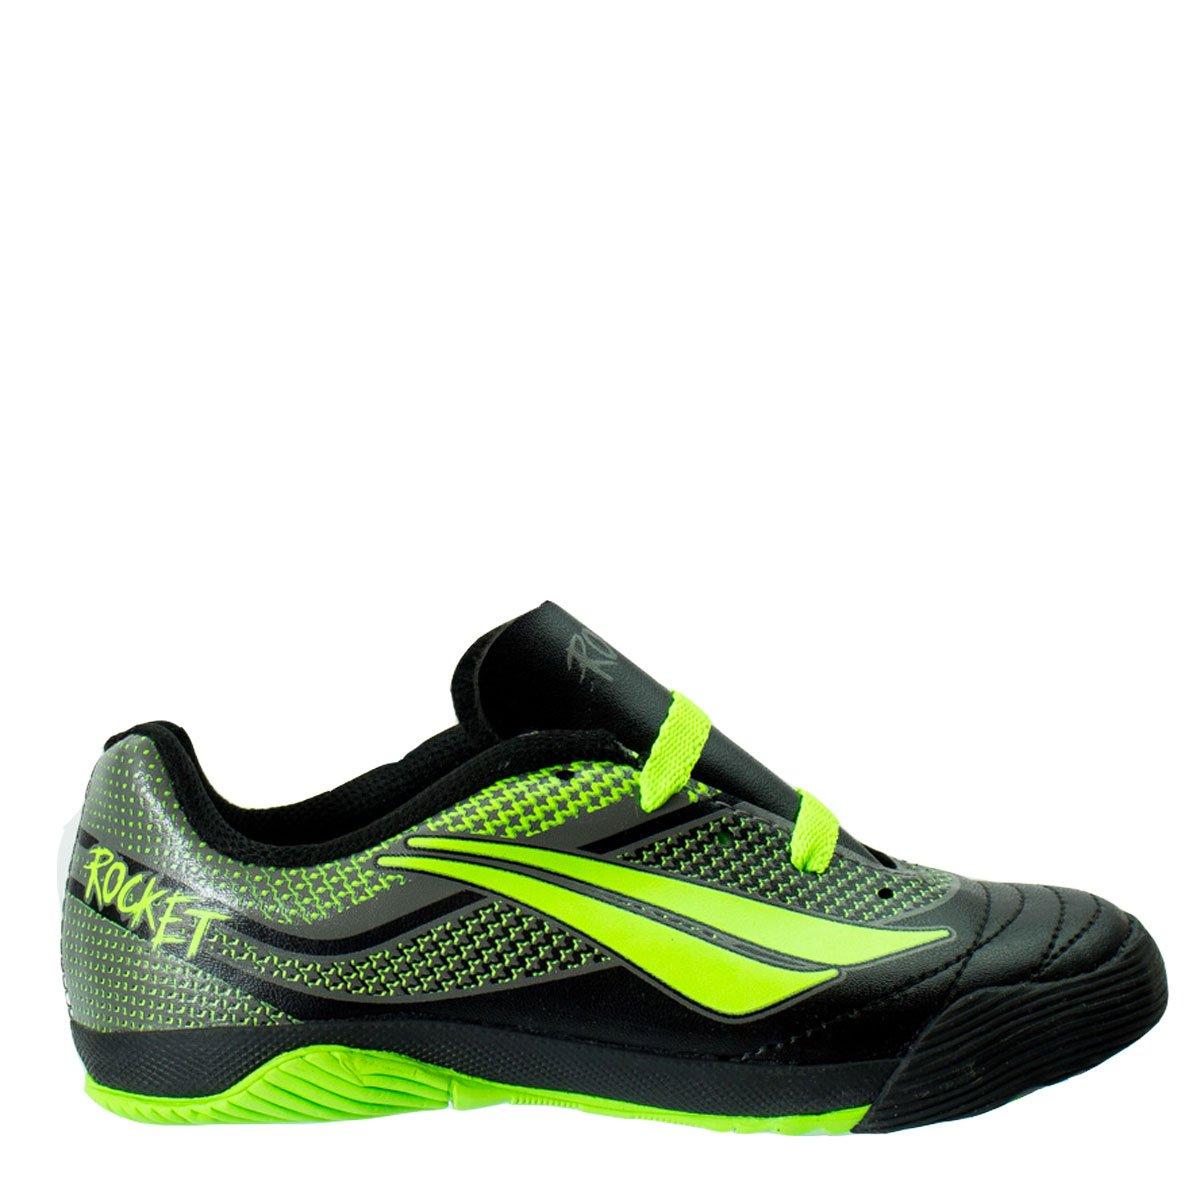 Bizz Store - Chuteira Infantil Futsal Penalty ATF Rocket 14b9c397f3acf